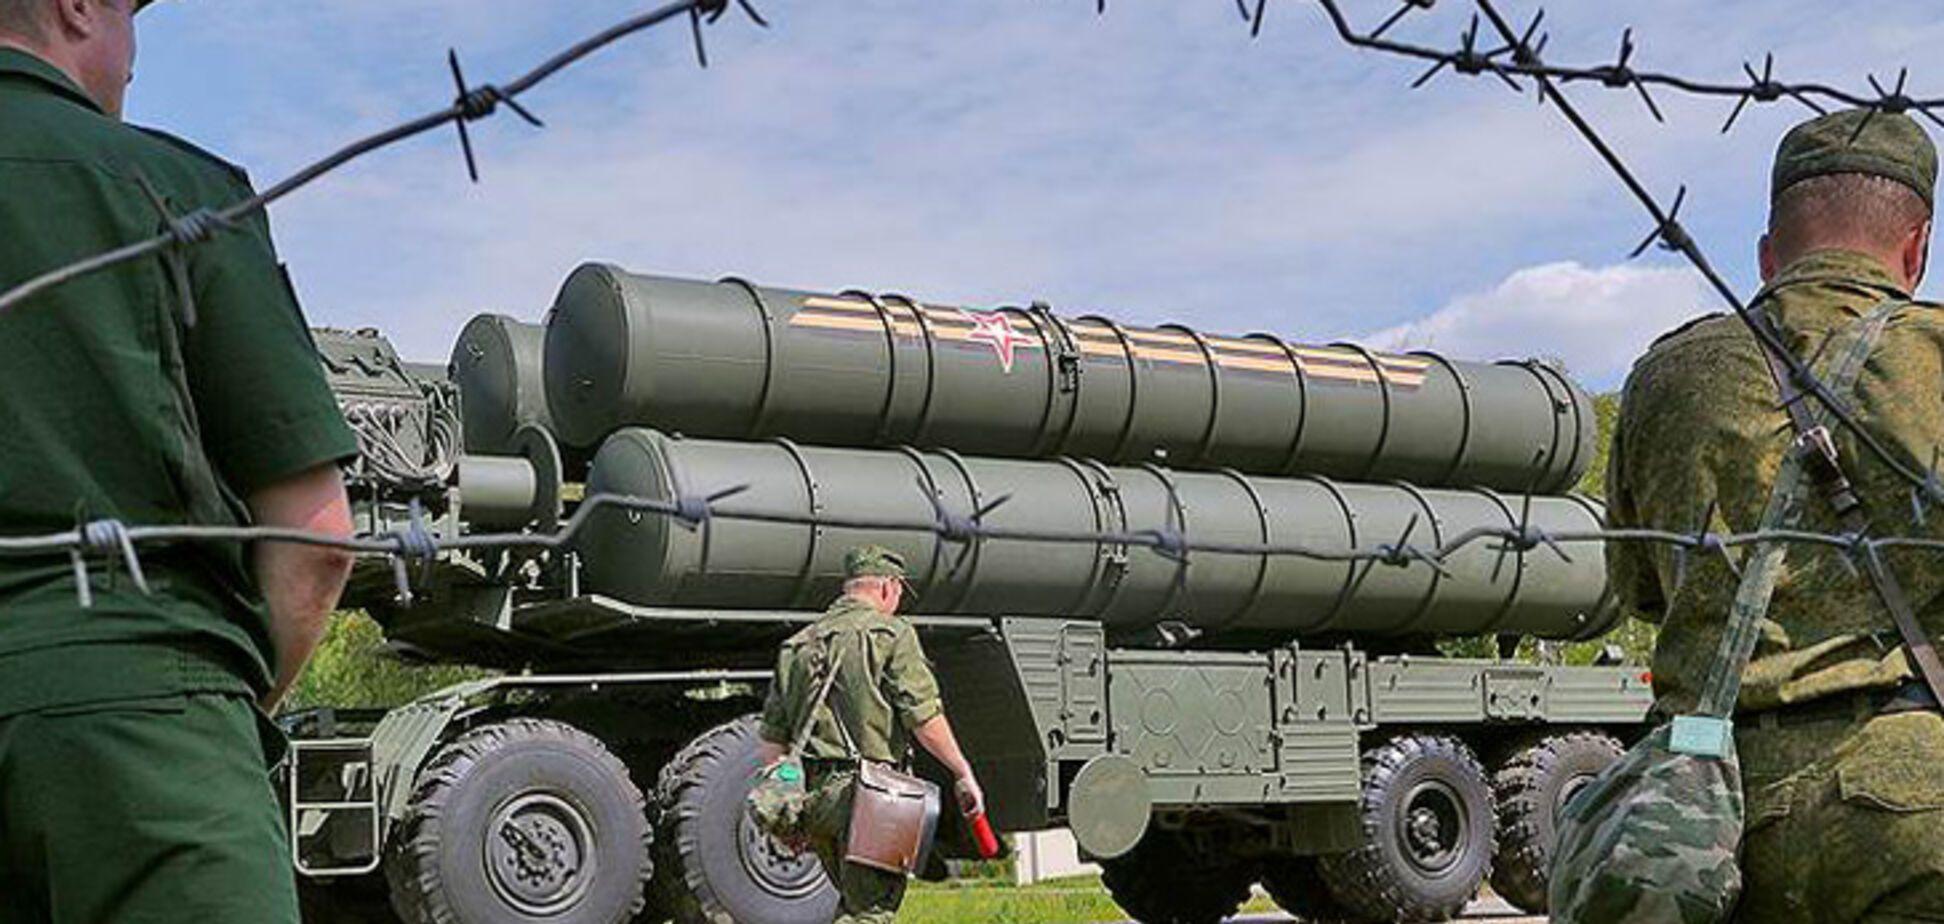 російська загроза